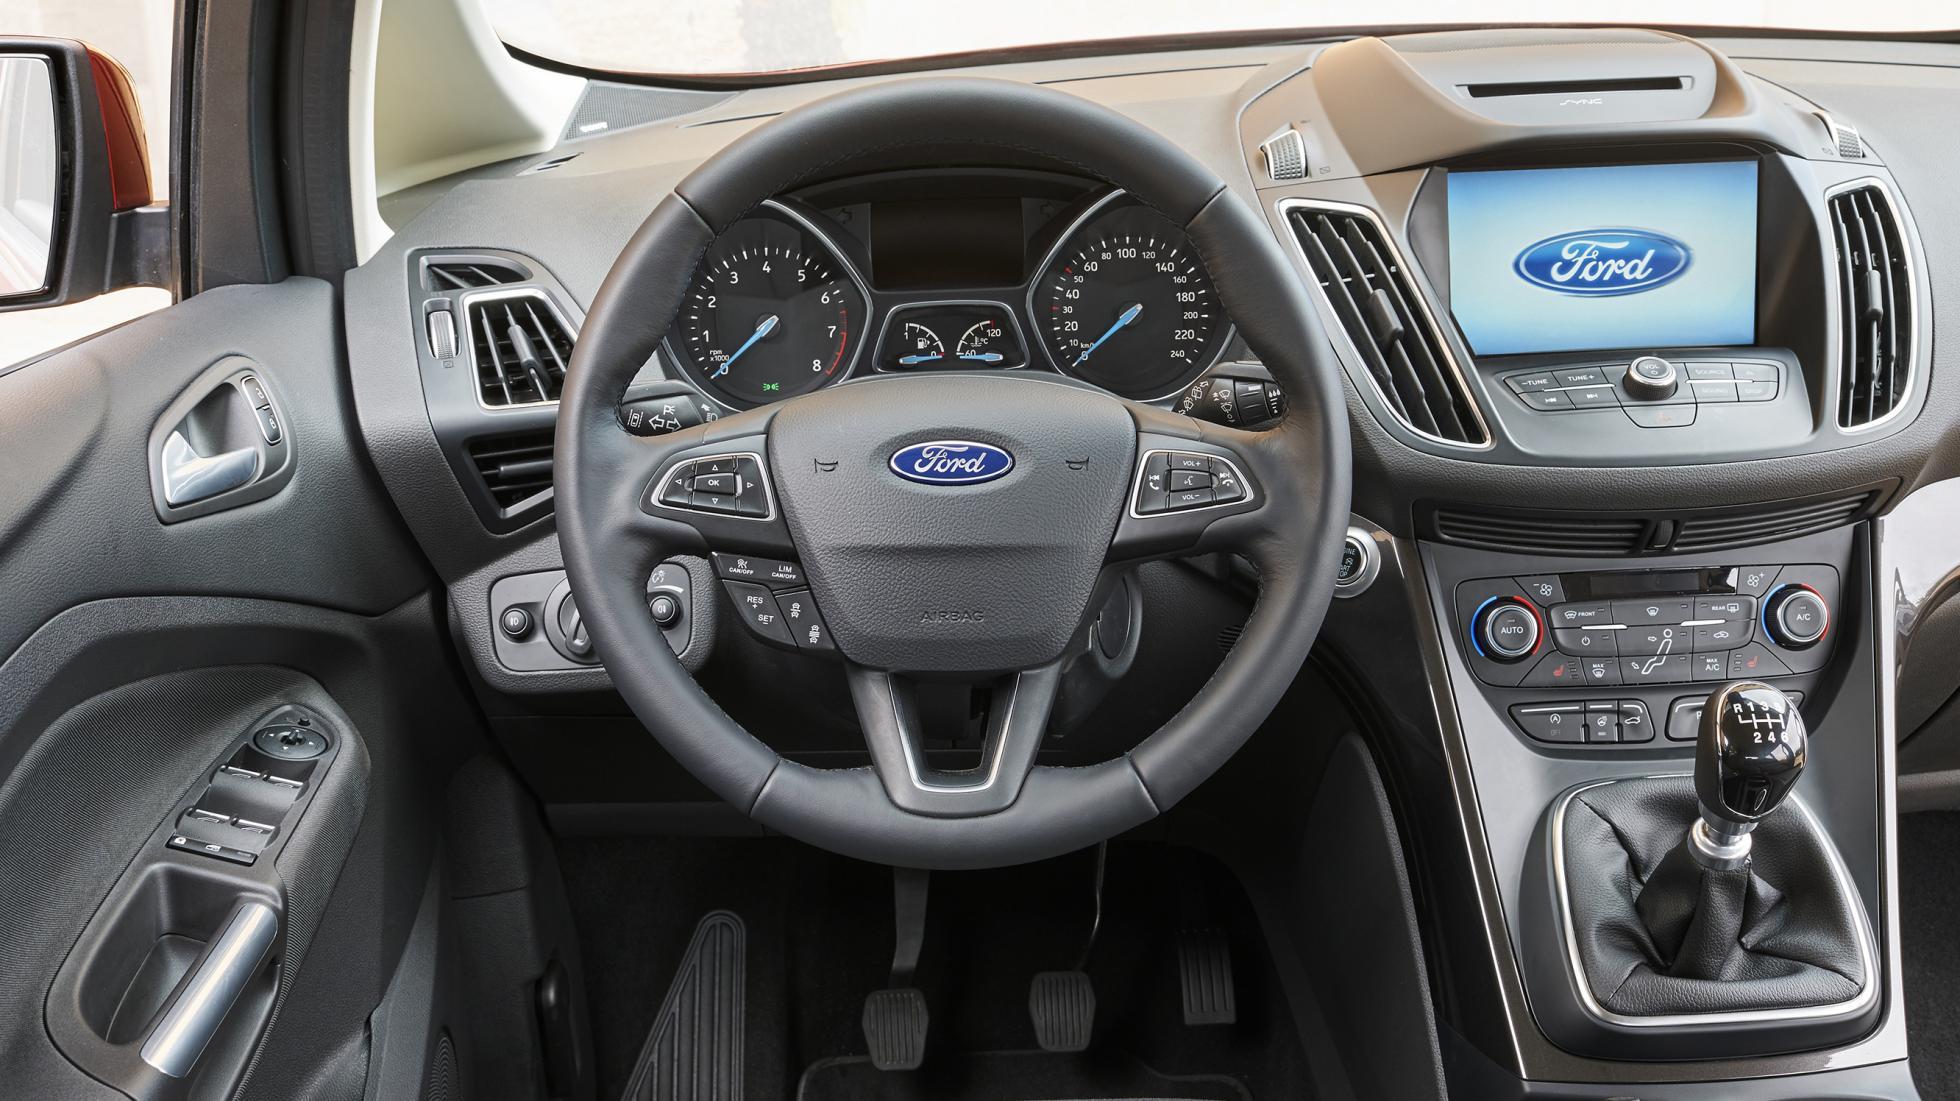 2016 Ford C-Max Energi Interior Cockpit